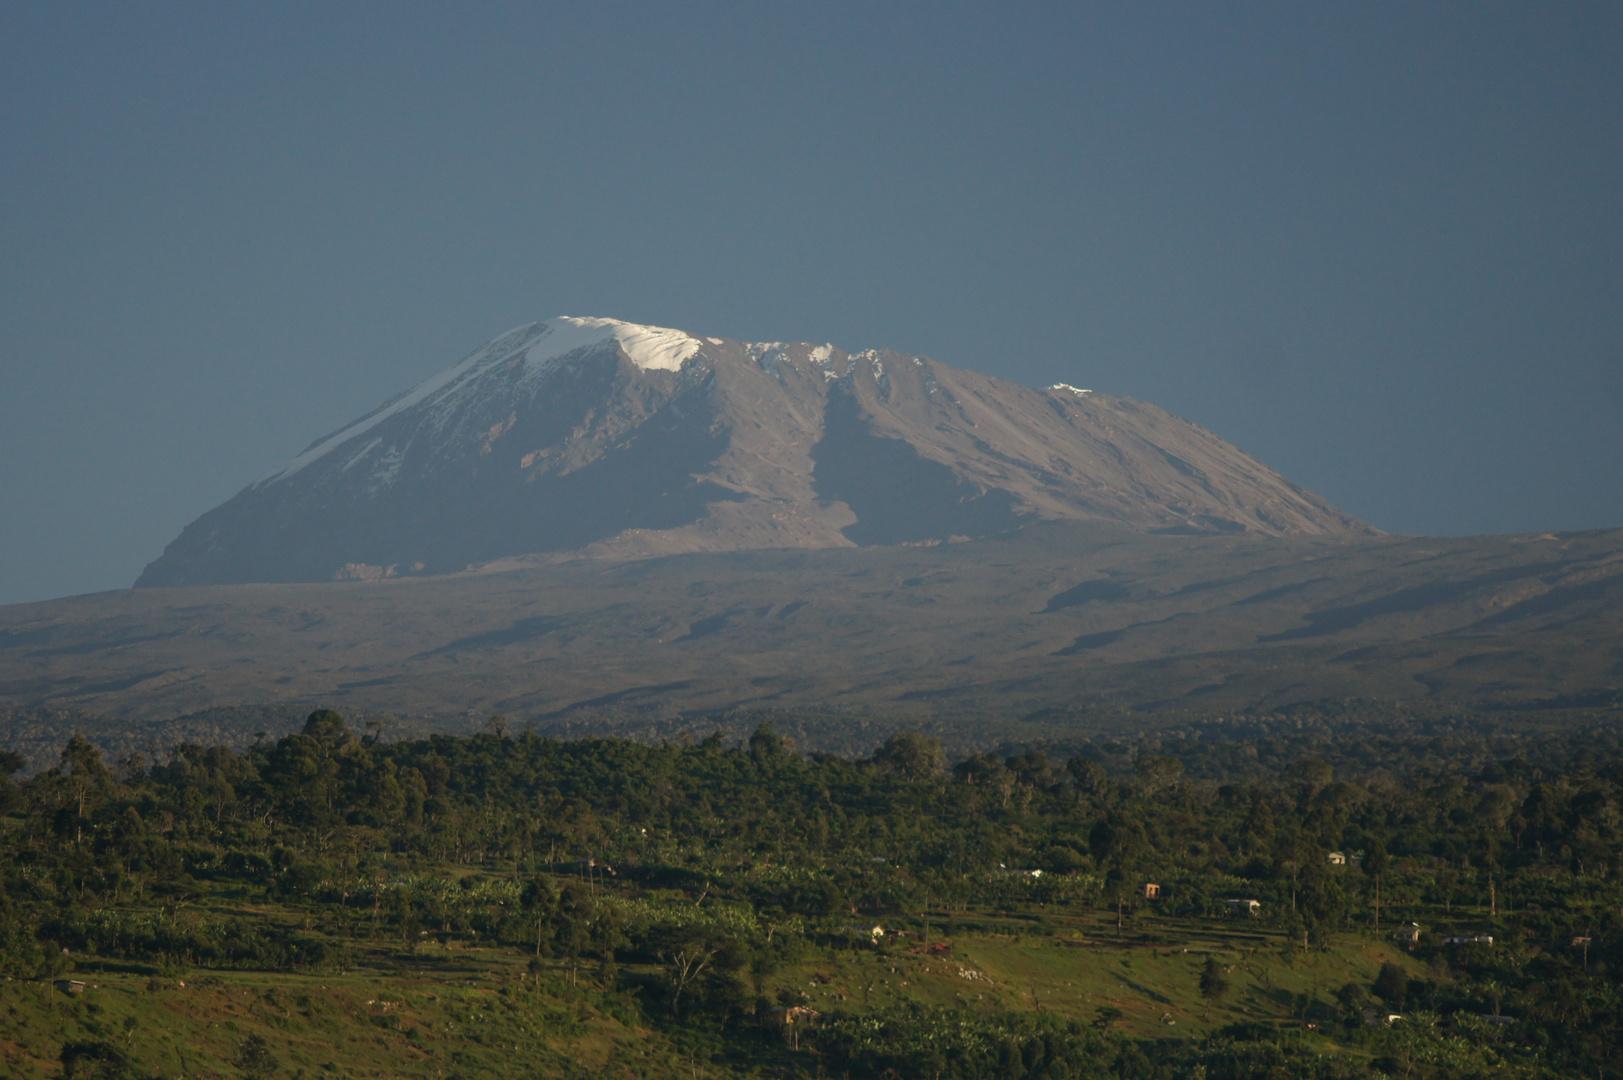 Kilimanjaro am Morgen